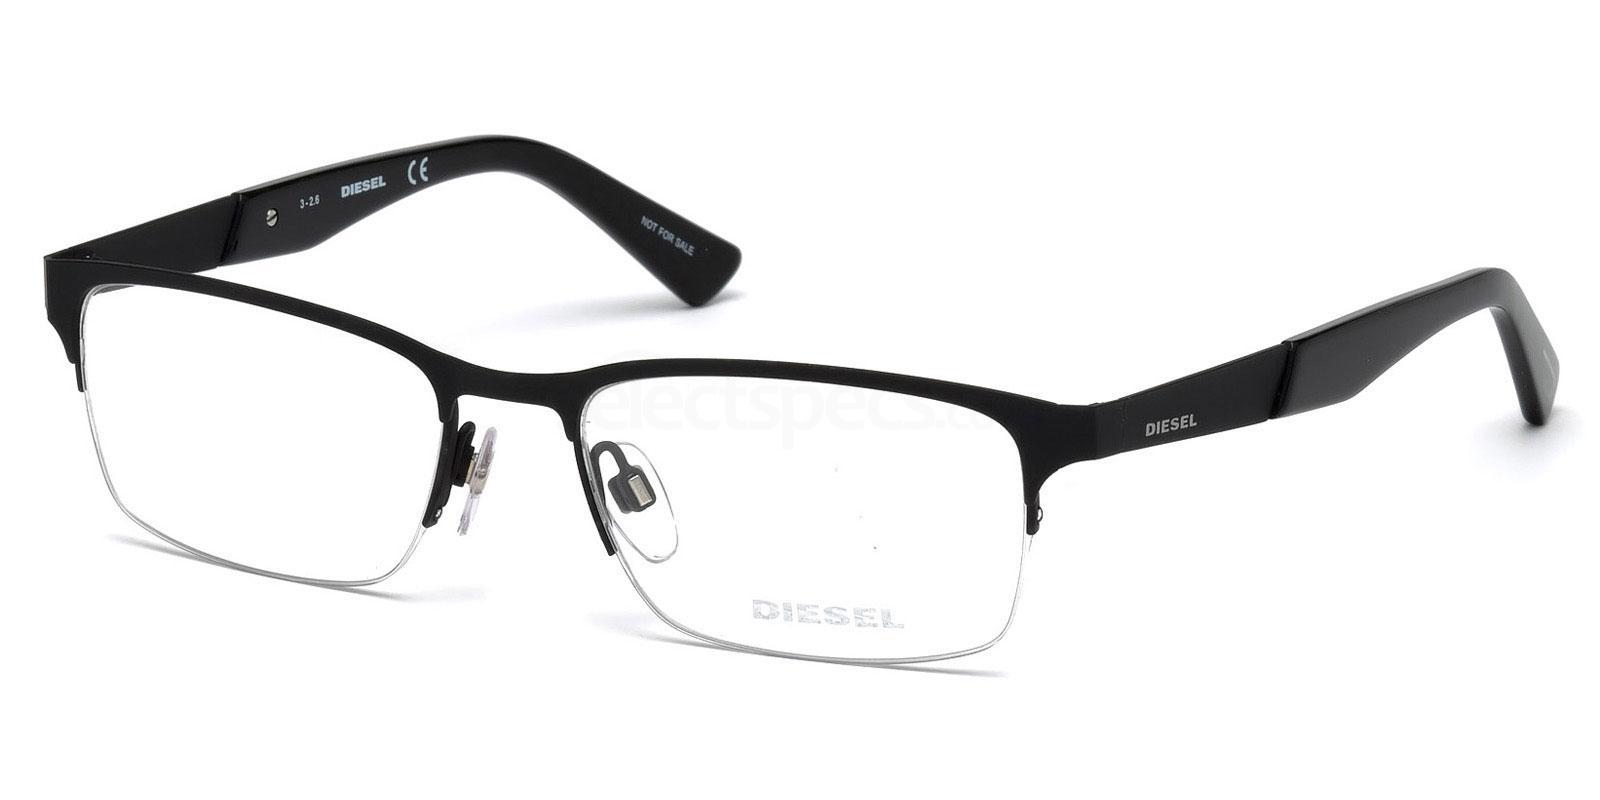 002 DL5235 Glasses, Diesel